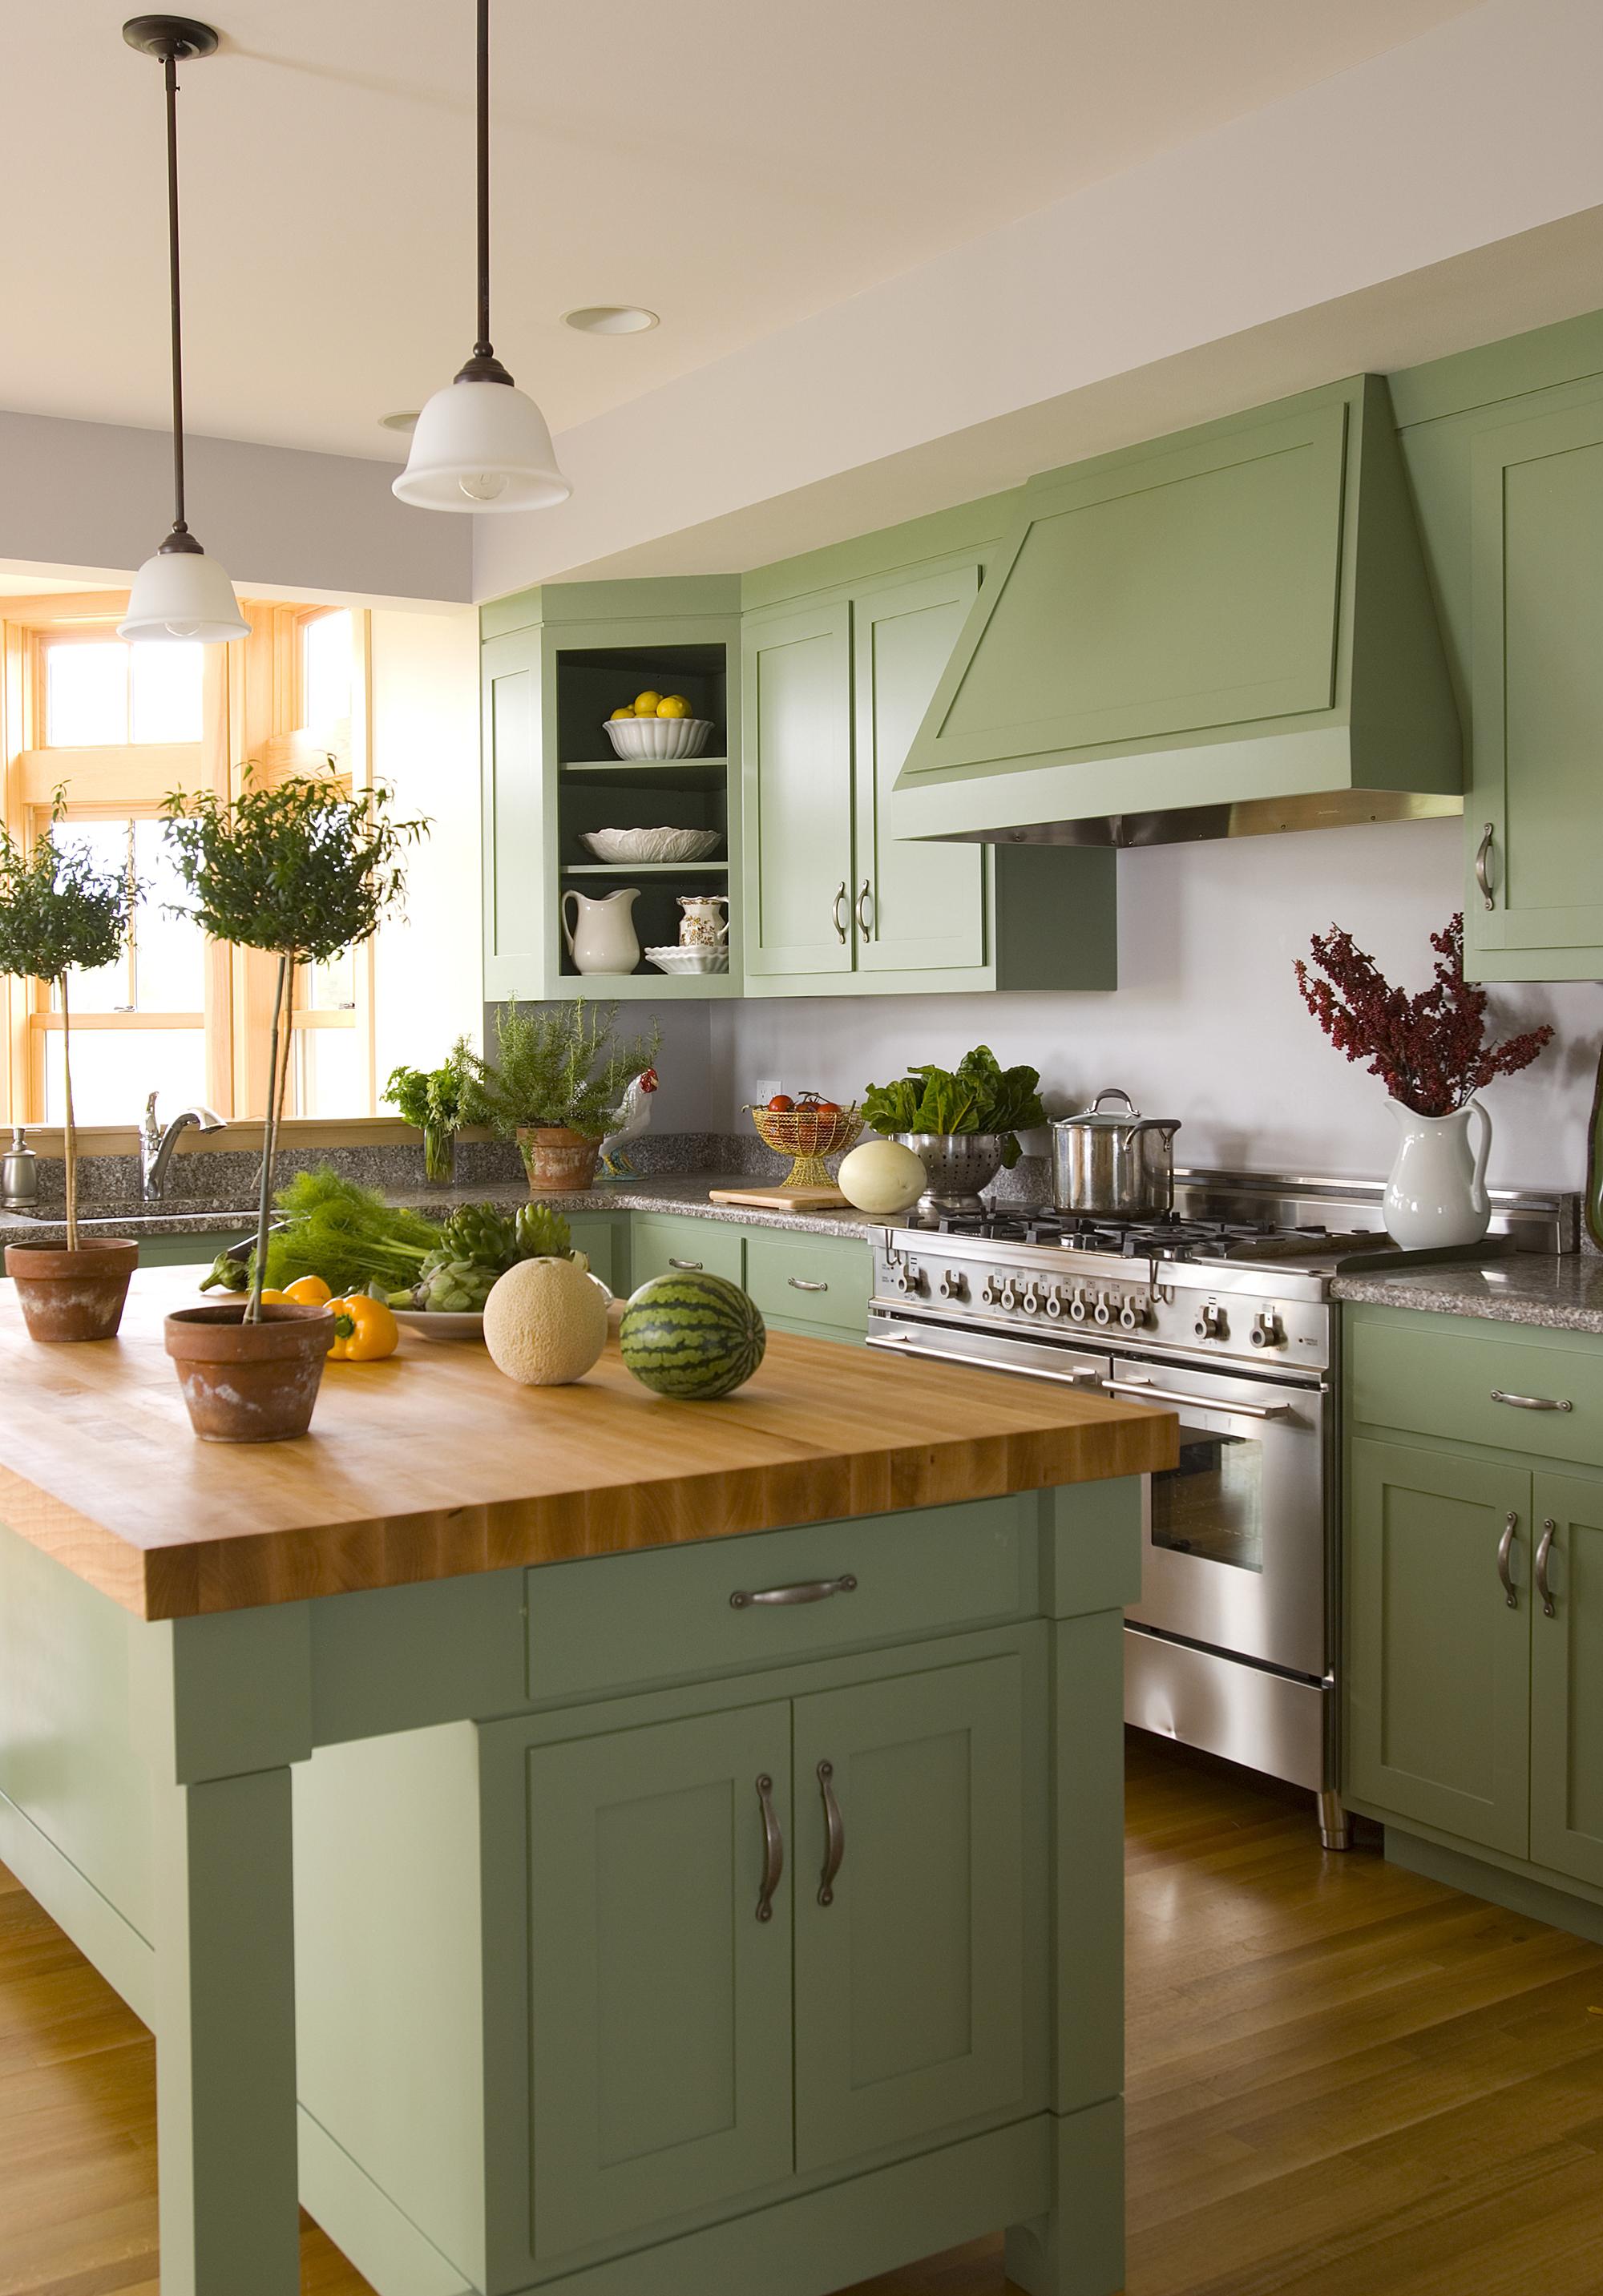 Оливково-кремовая кухня в деревенском стиле